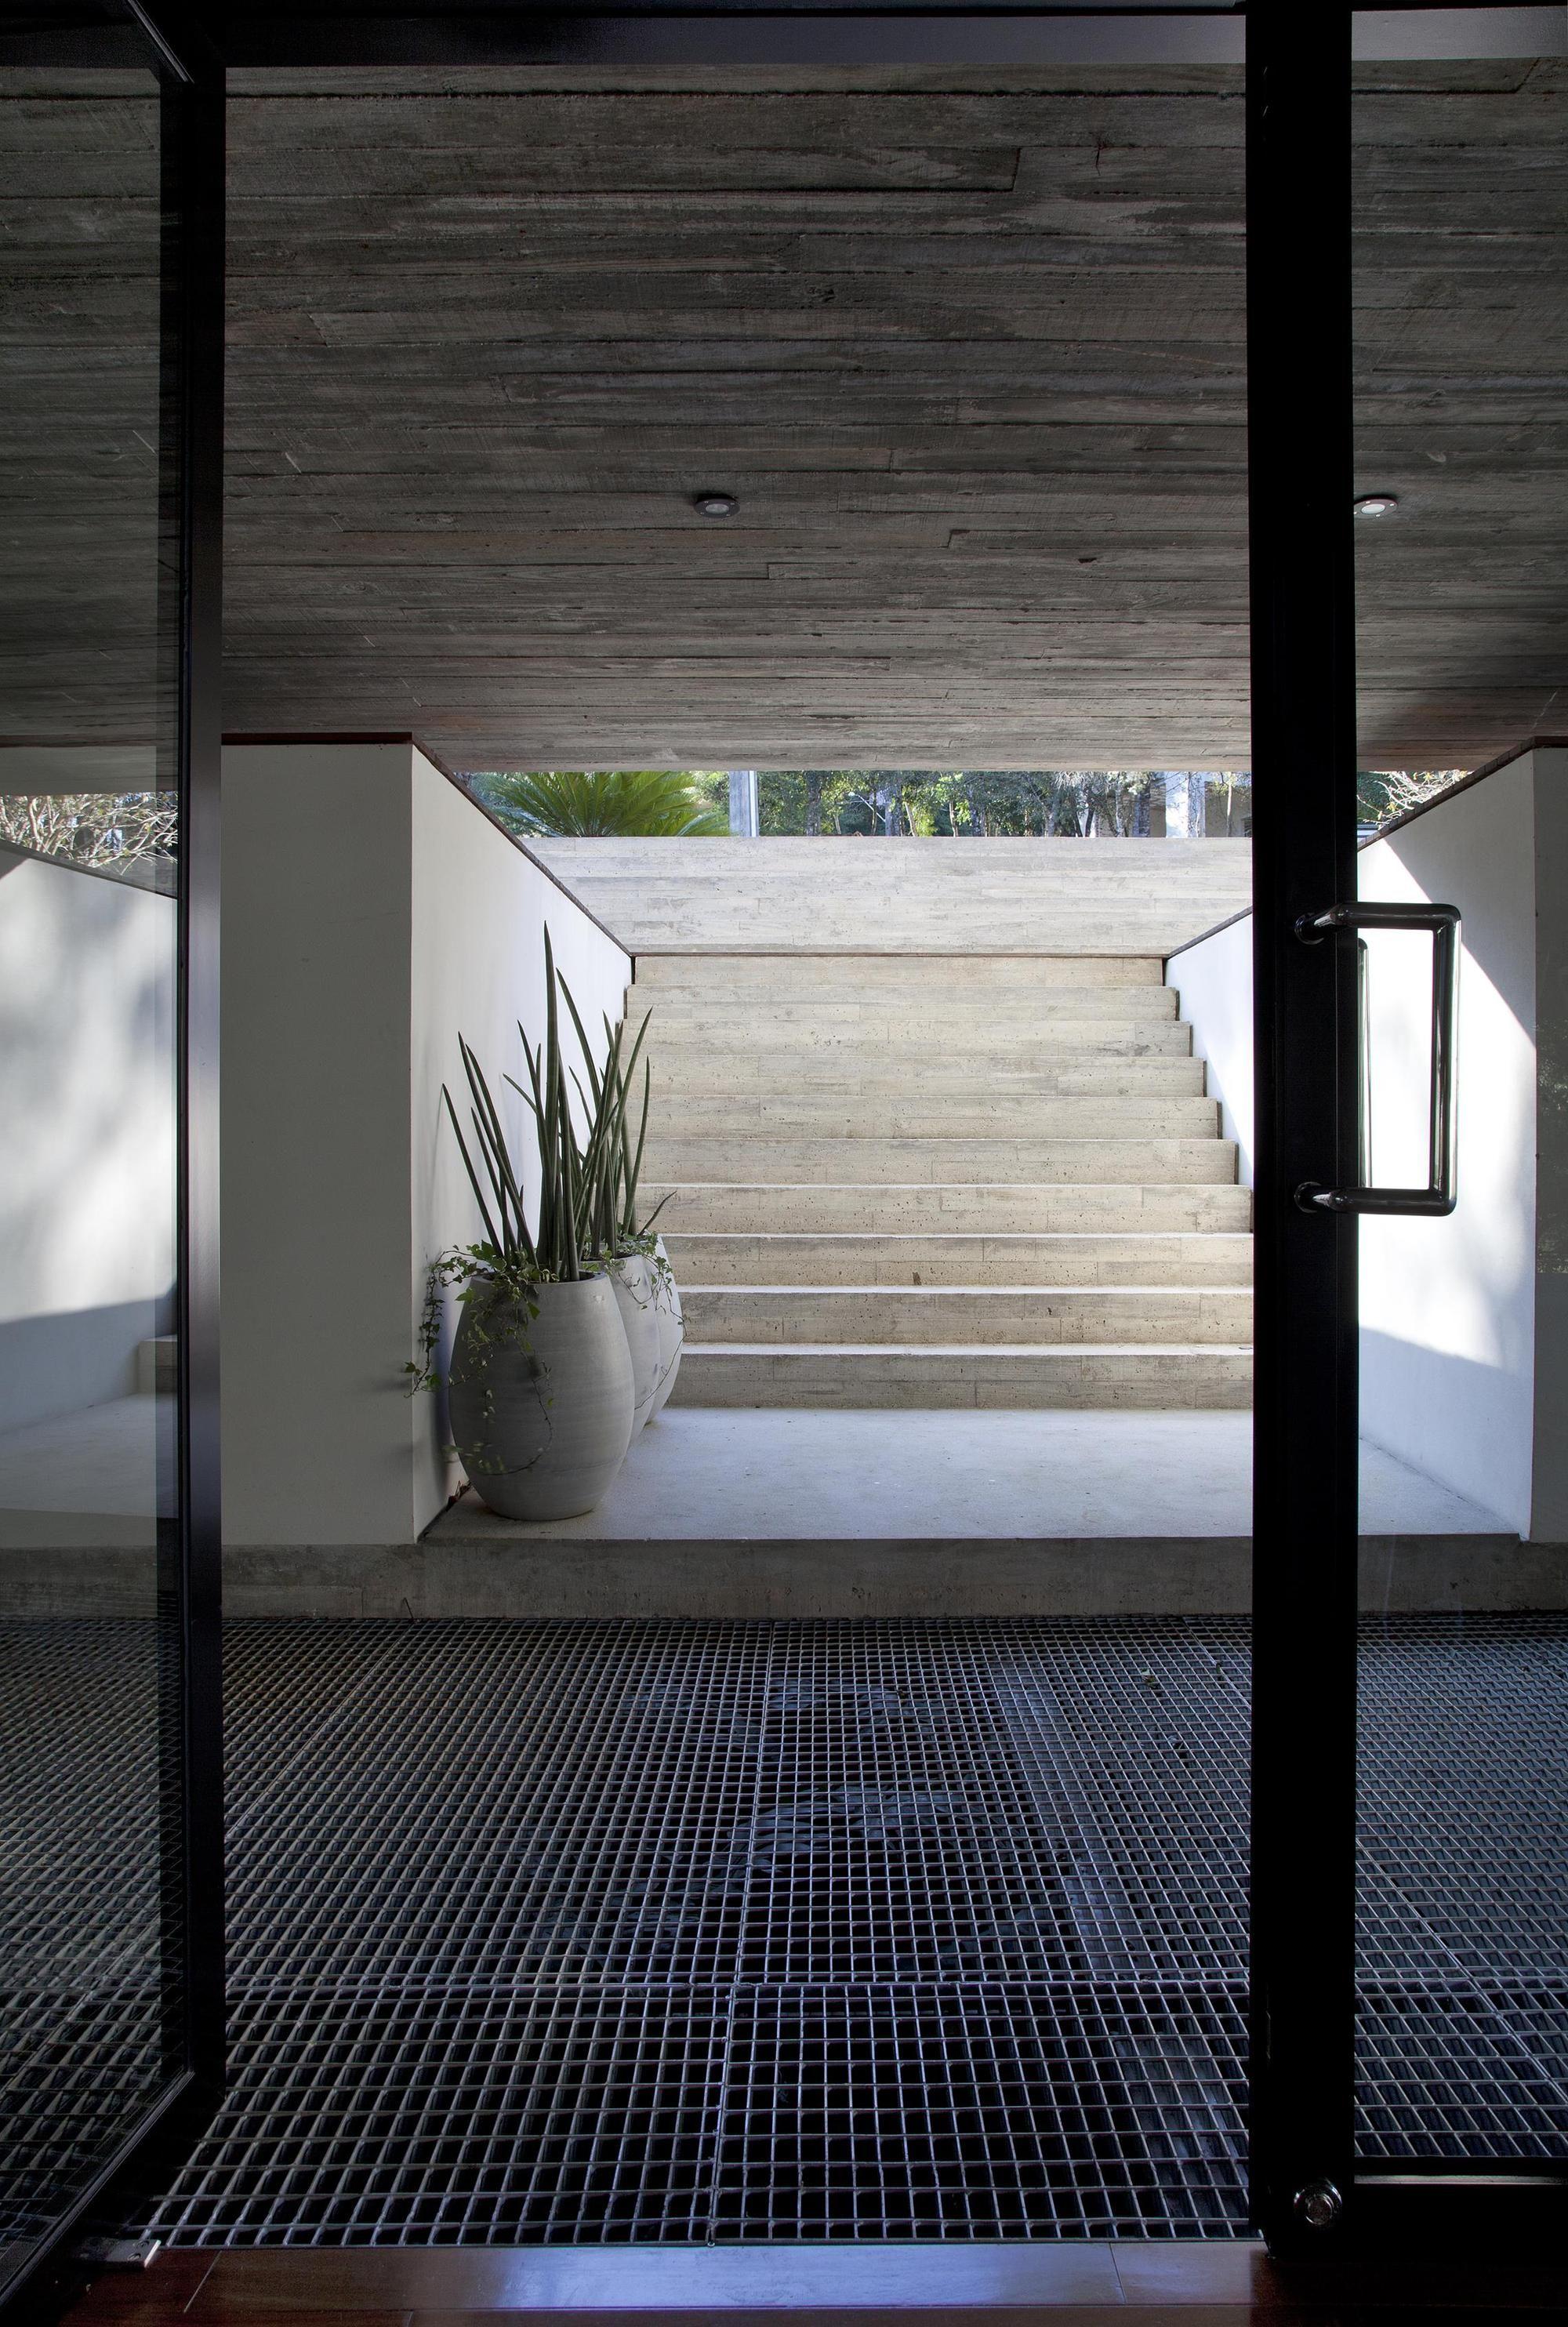 Galeria - Residência LM / Marcos Bertoldi Arquitetos - 29